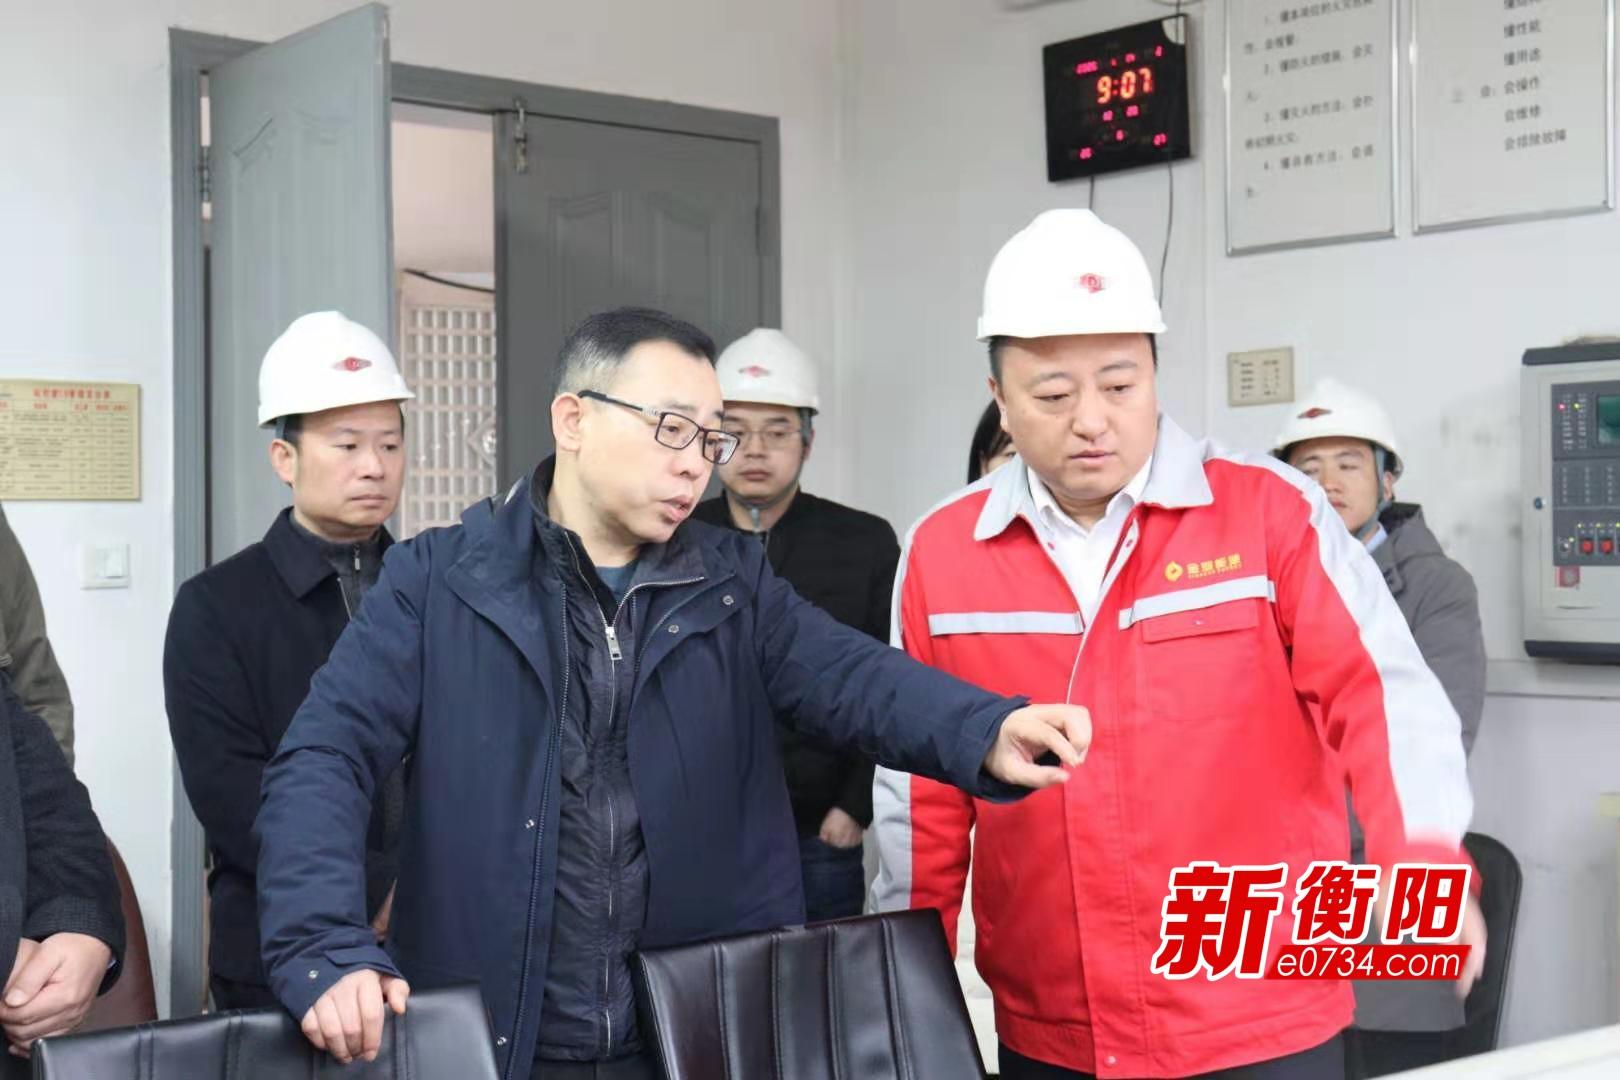 衡阳开展节前安全生产视察 确保市民安全舒心过节